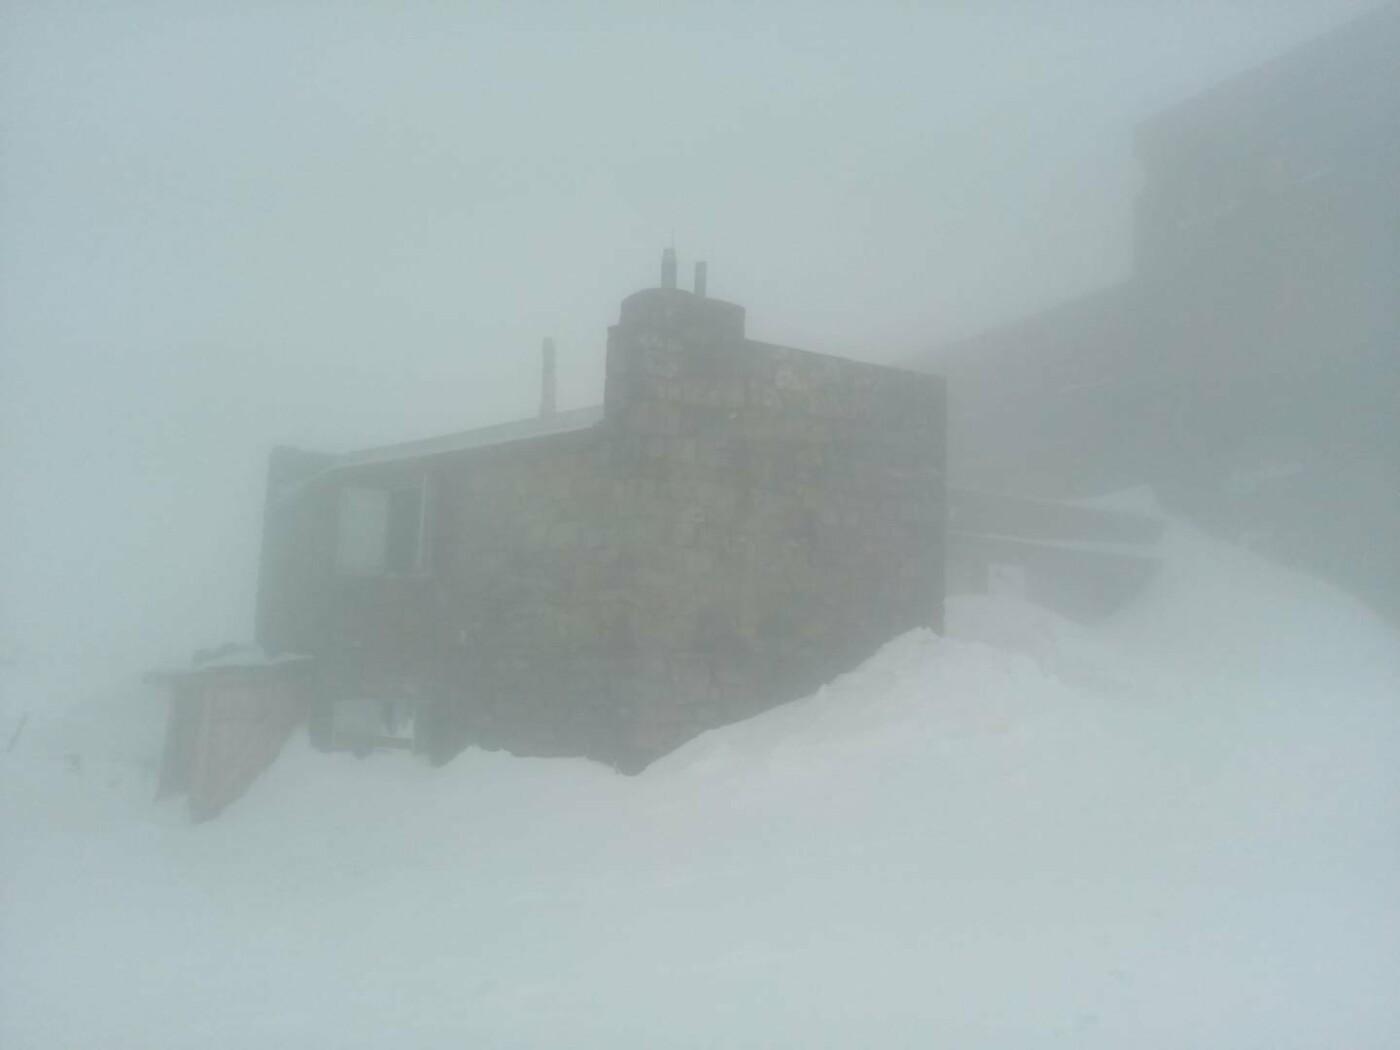 Літо не поспішає: 4 червня у Карпатах лежить сніг, температура на рівні нуля (ФОТО), фото-1